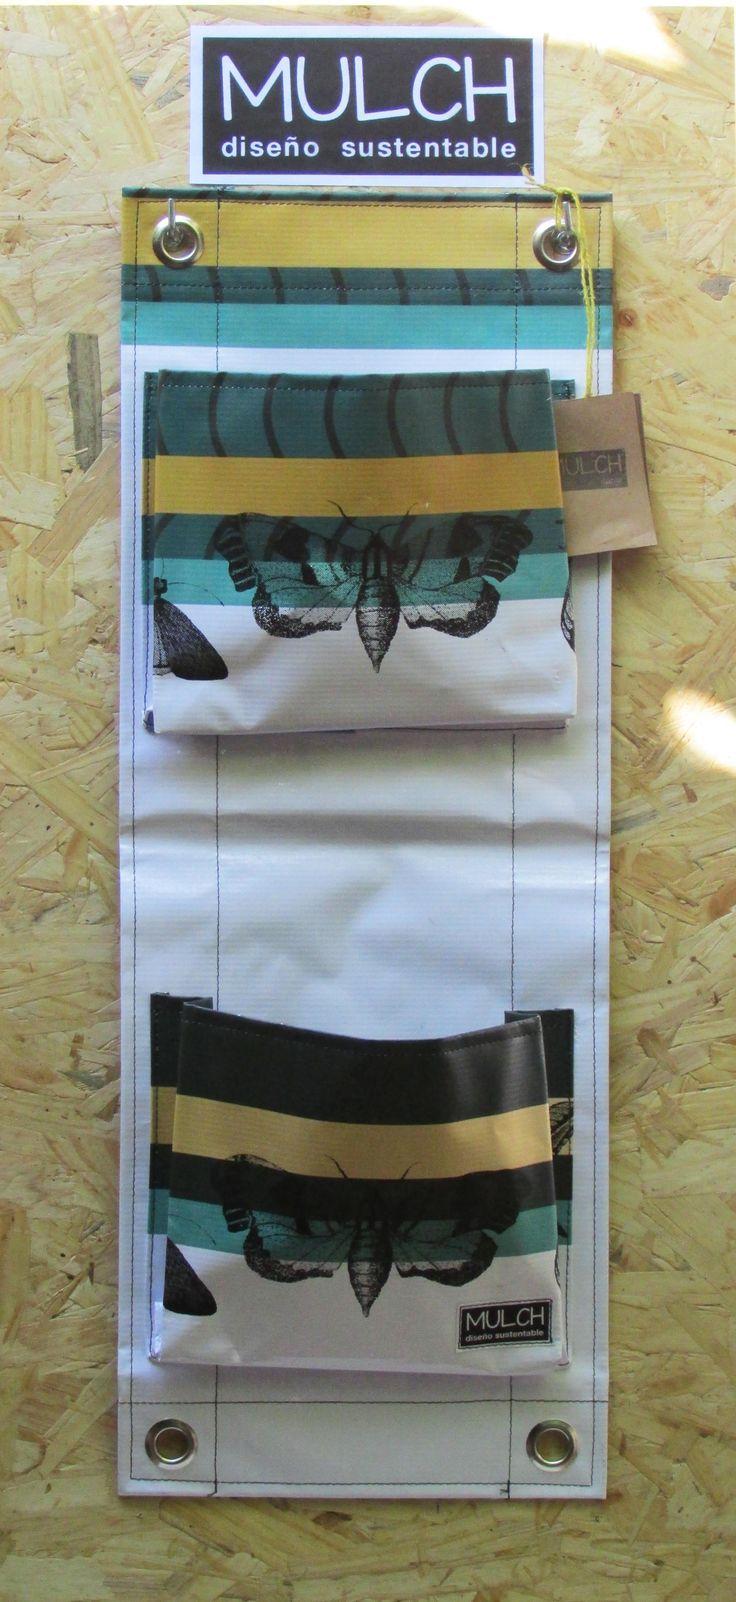 Jardin vertical de 2 bolsillos, facil colocacion,  fabricado en lona vinilica reutilizada de carteles de publicidad.